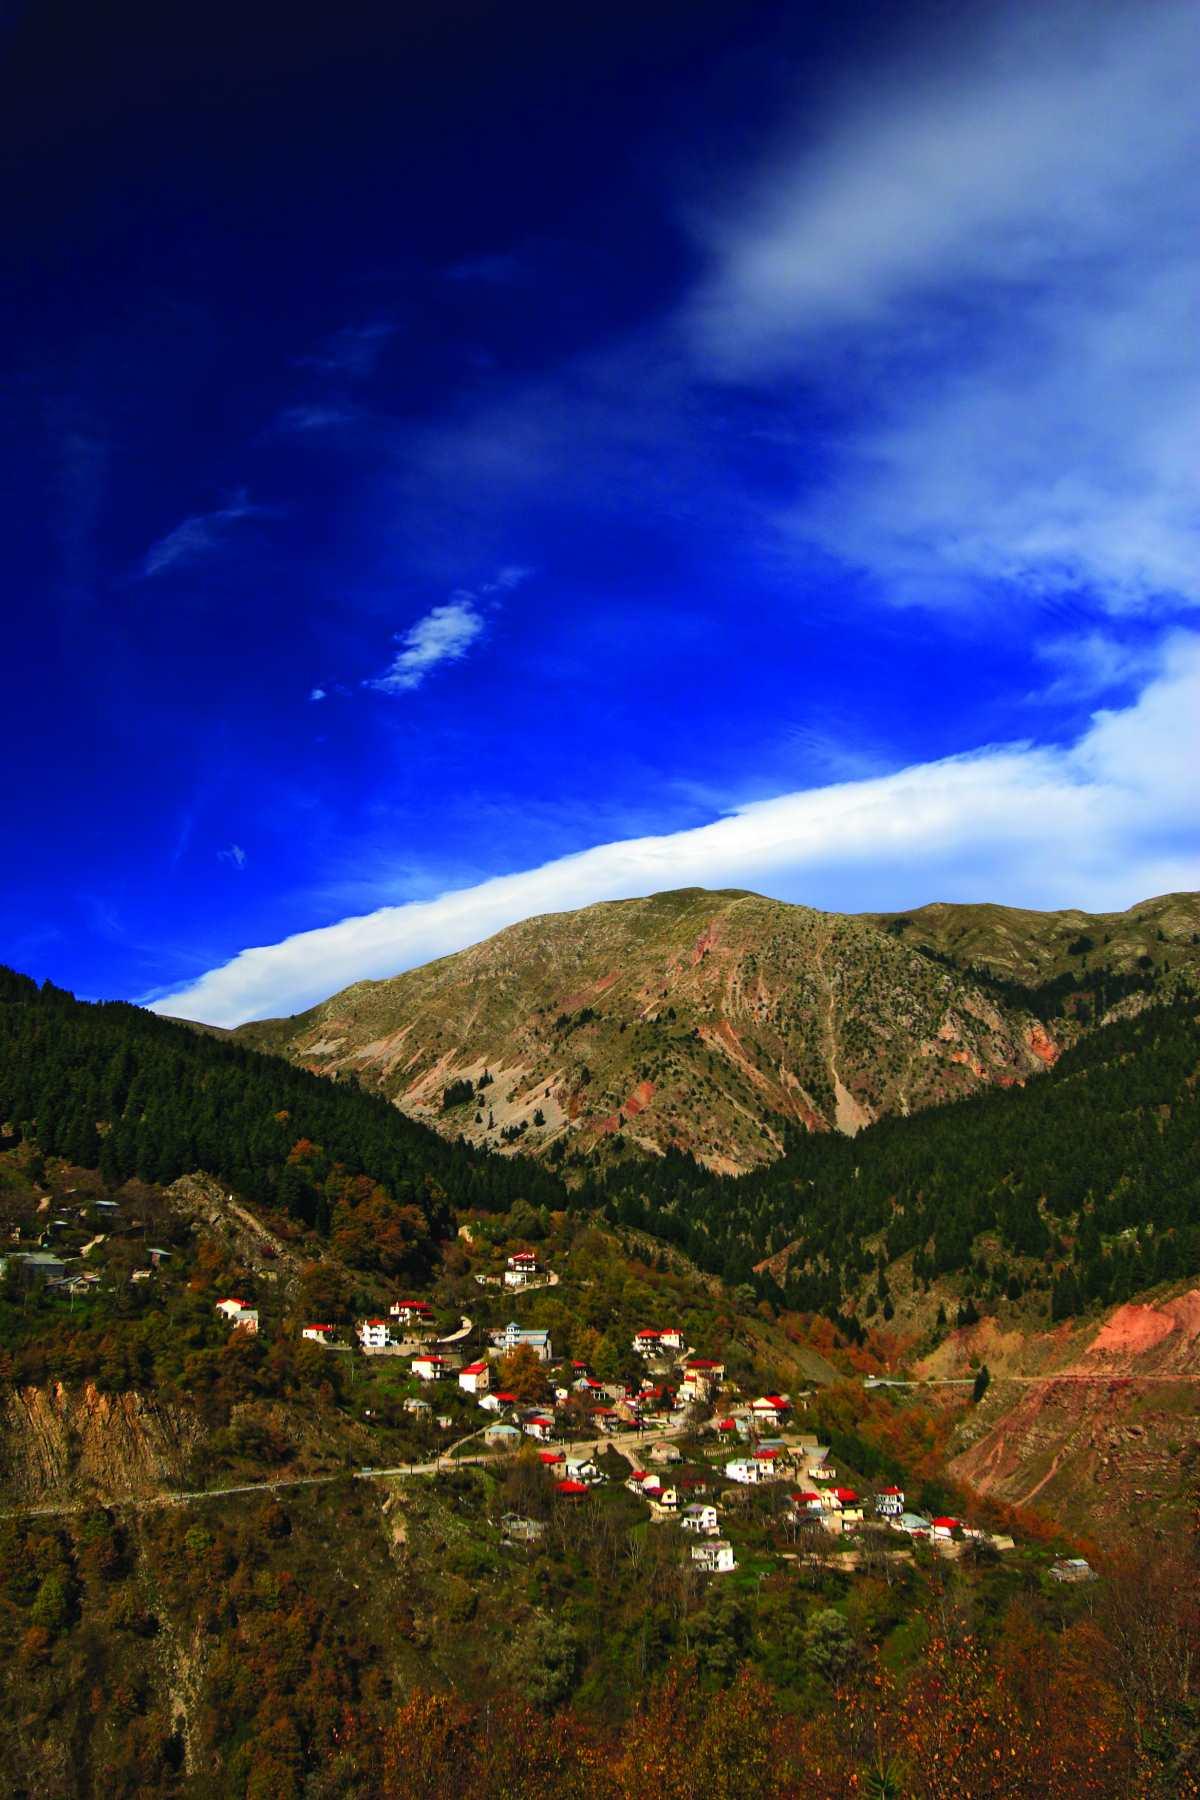 Νεραϊδοχώρι Τρικάλων, πανοραμική εικόνα του χωριού